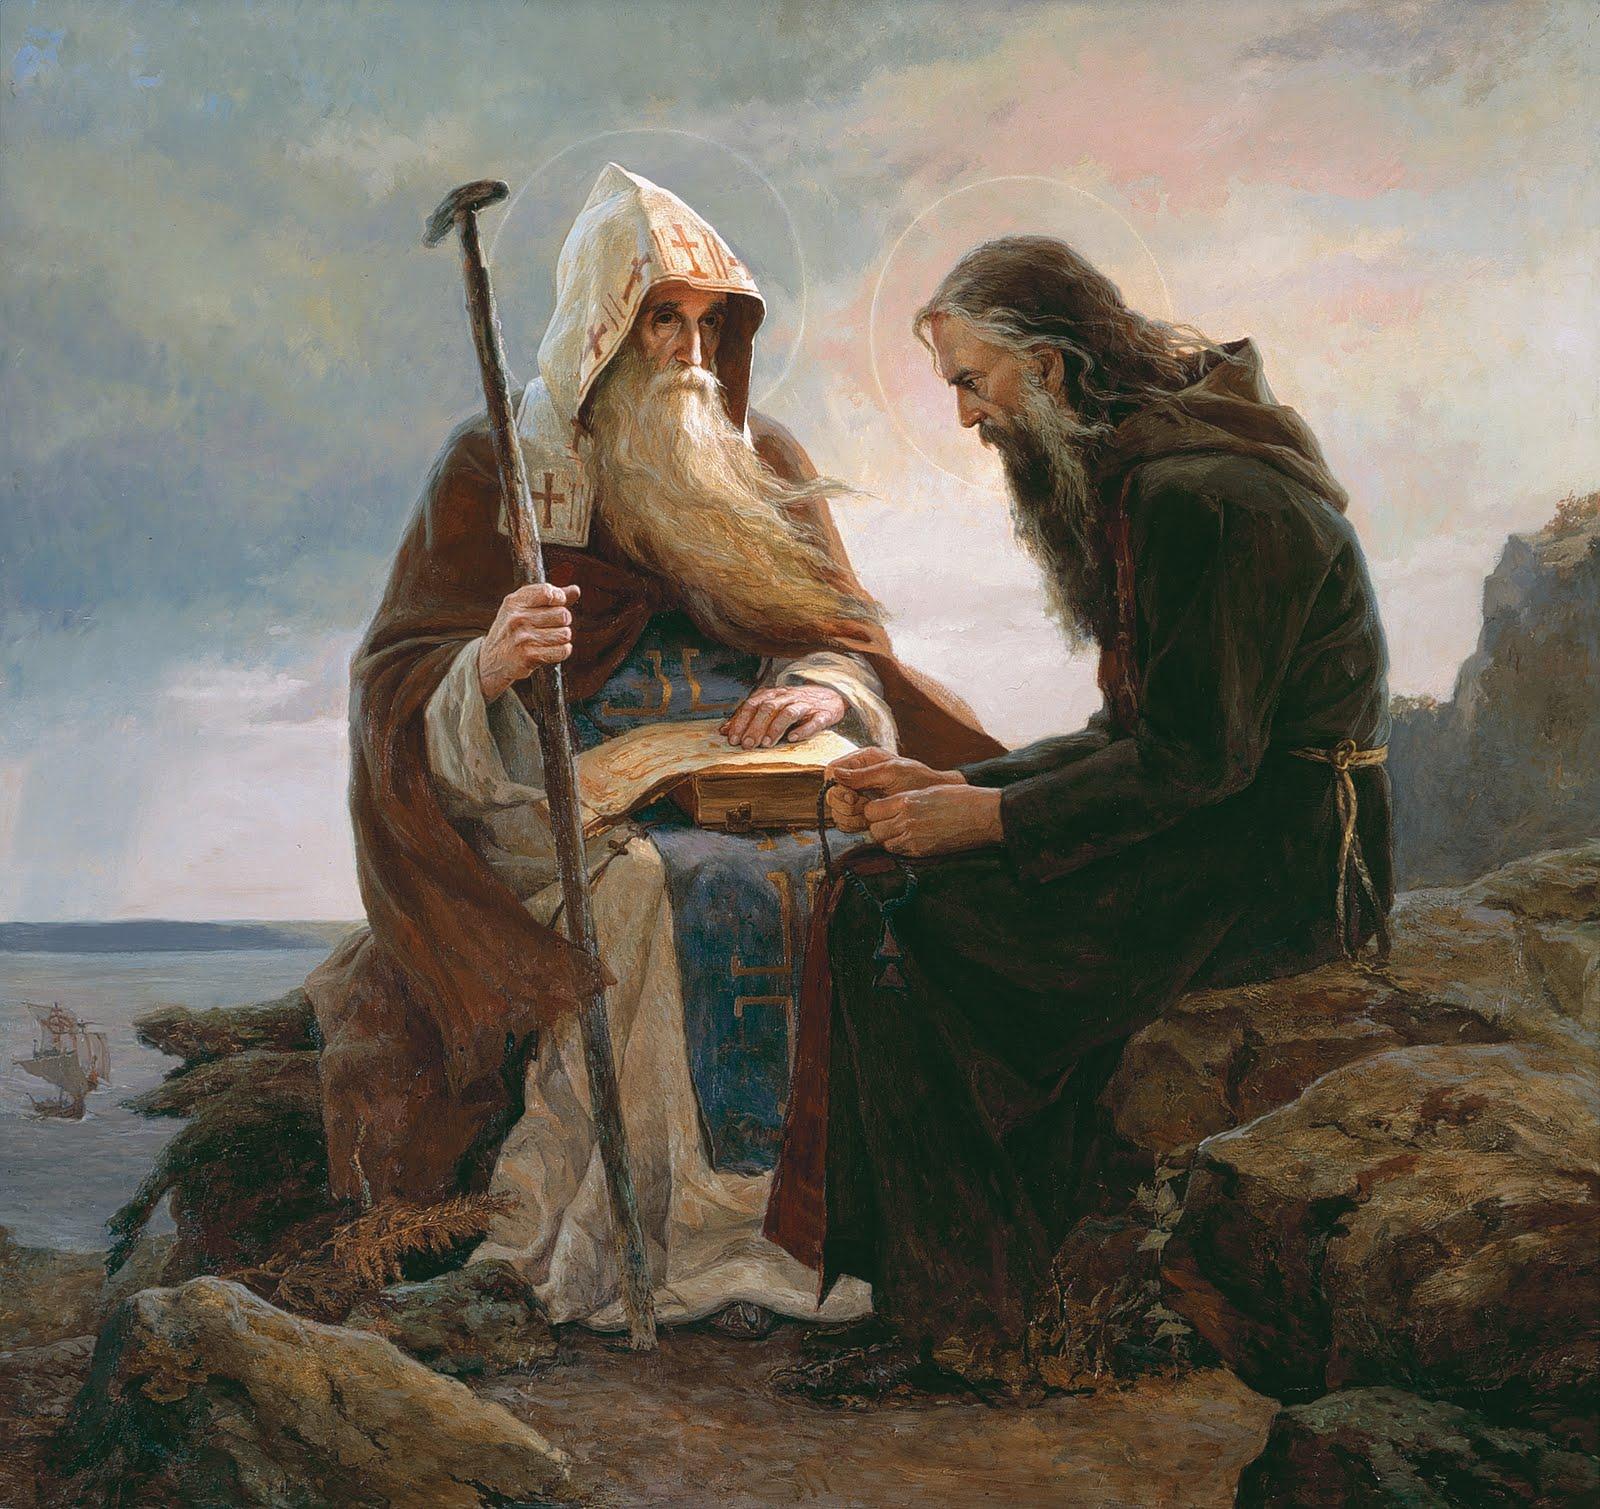 Φιλοκαλία των Ιερών Νηπτικών, παρά των Αγίων και Θεοφόρων Πατέρων ημών, (εκδ. 1893).